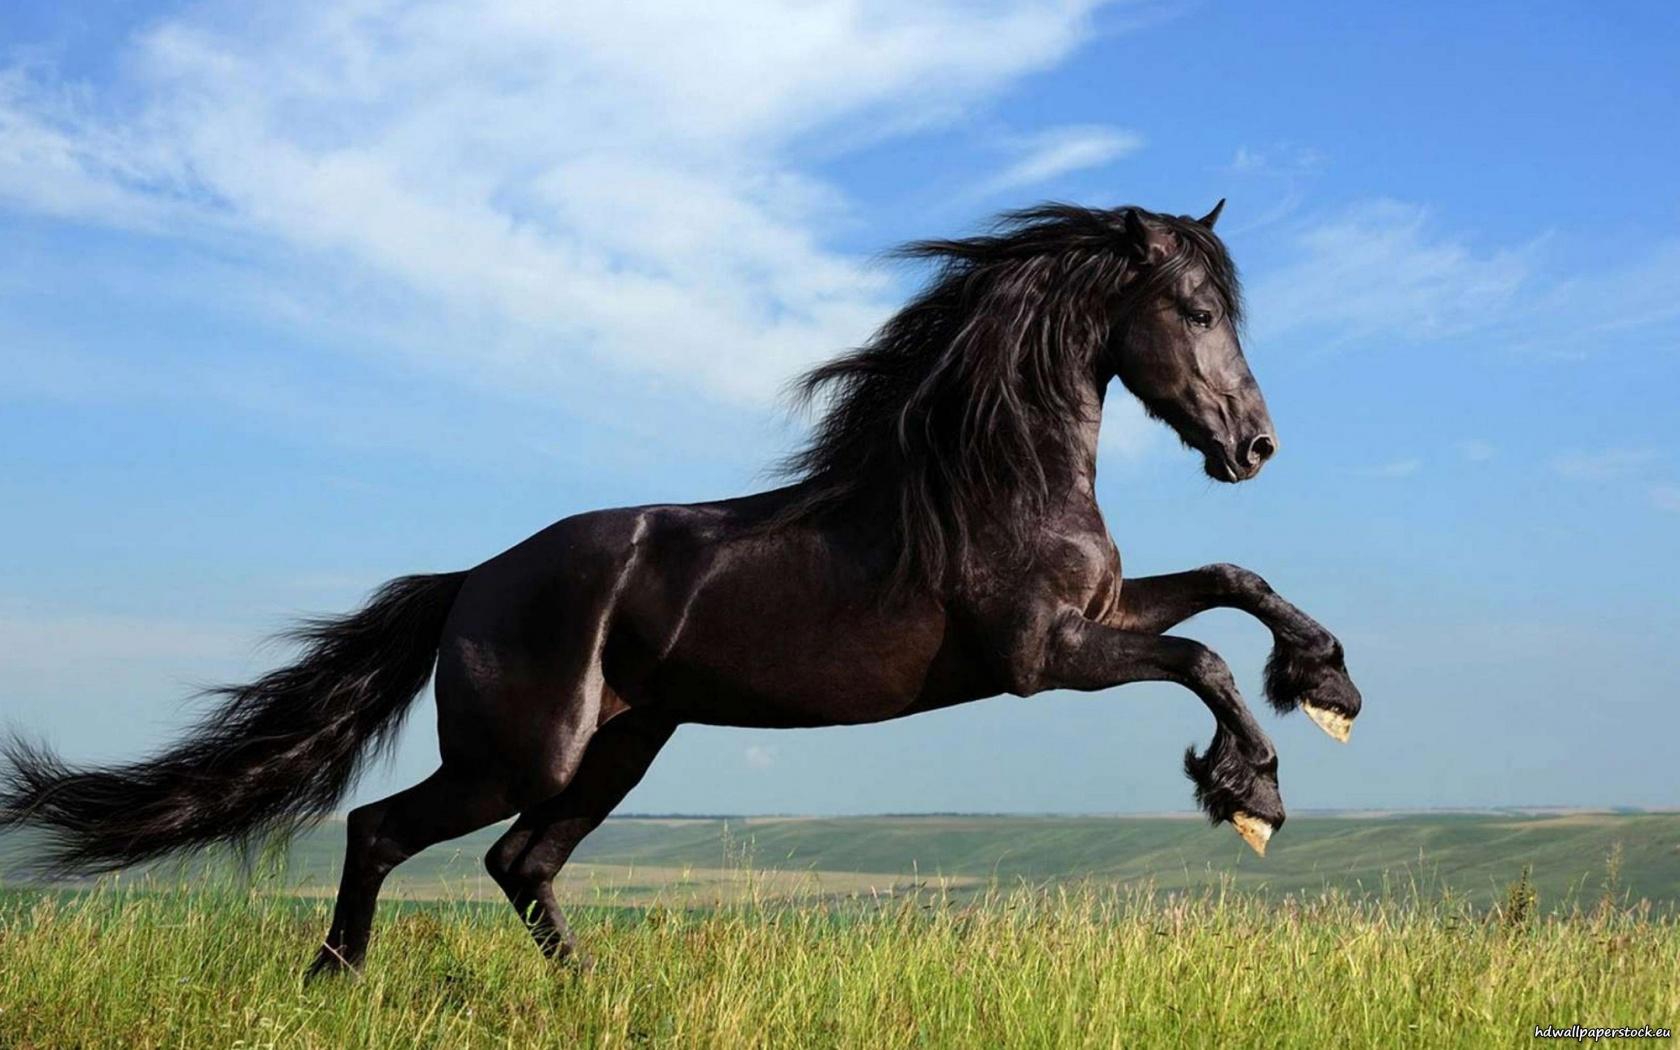 بالصور حصان عربي , افضل الخيول العربية الاصيلة 5773 3